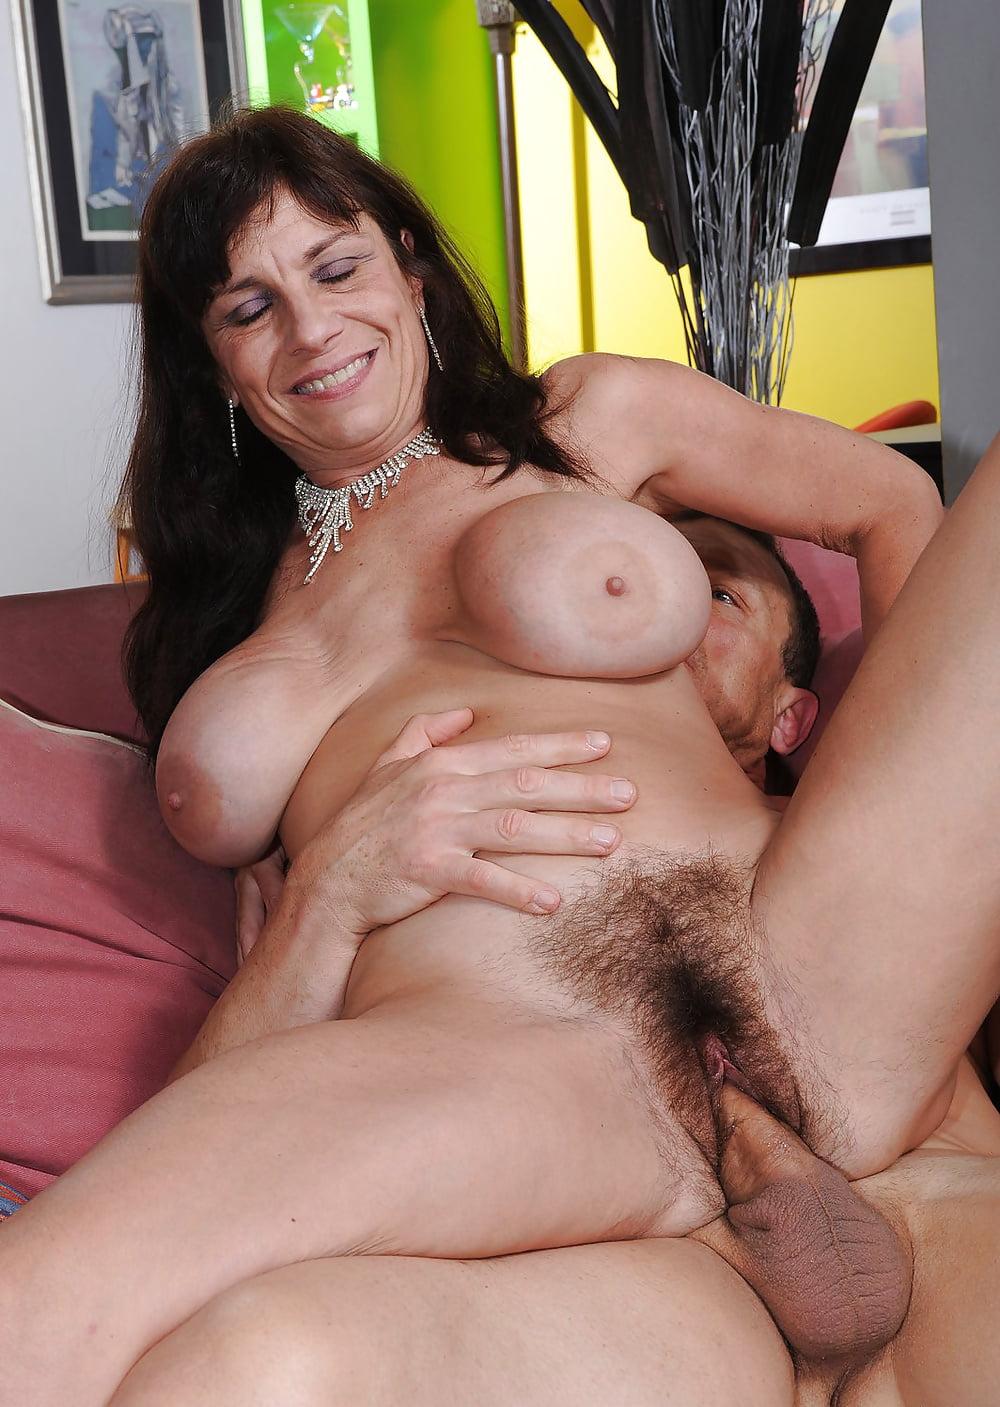 Hairy mom fucking hard